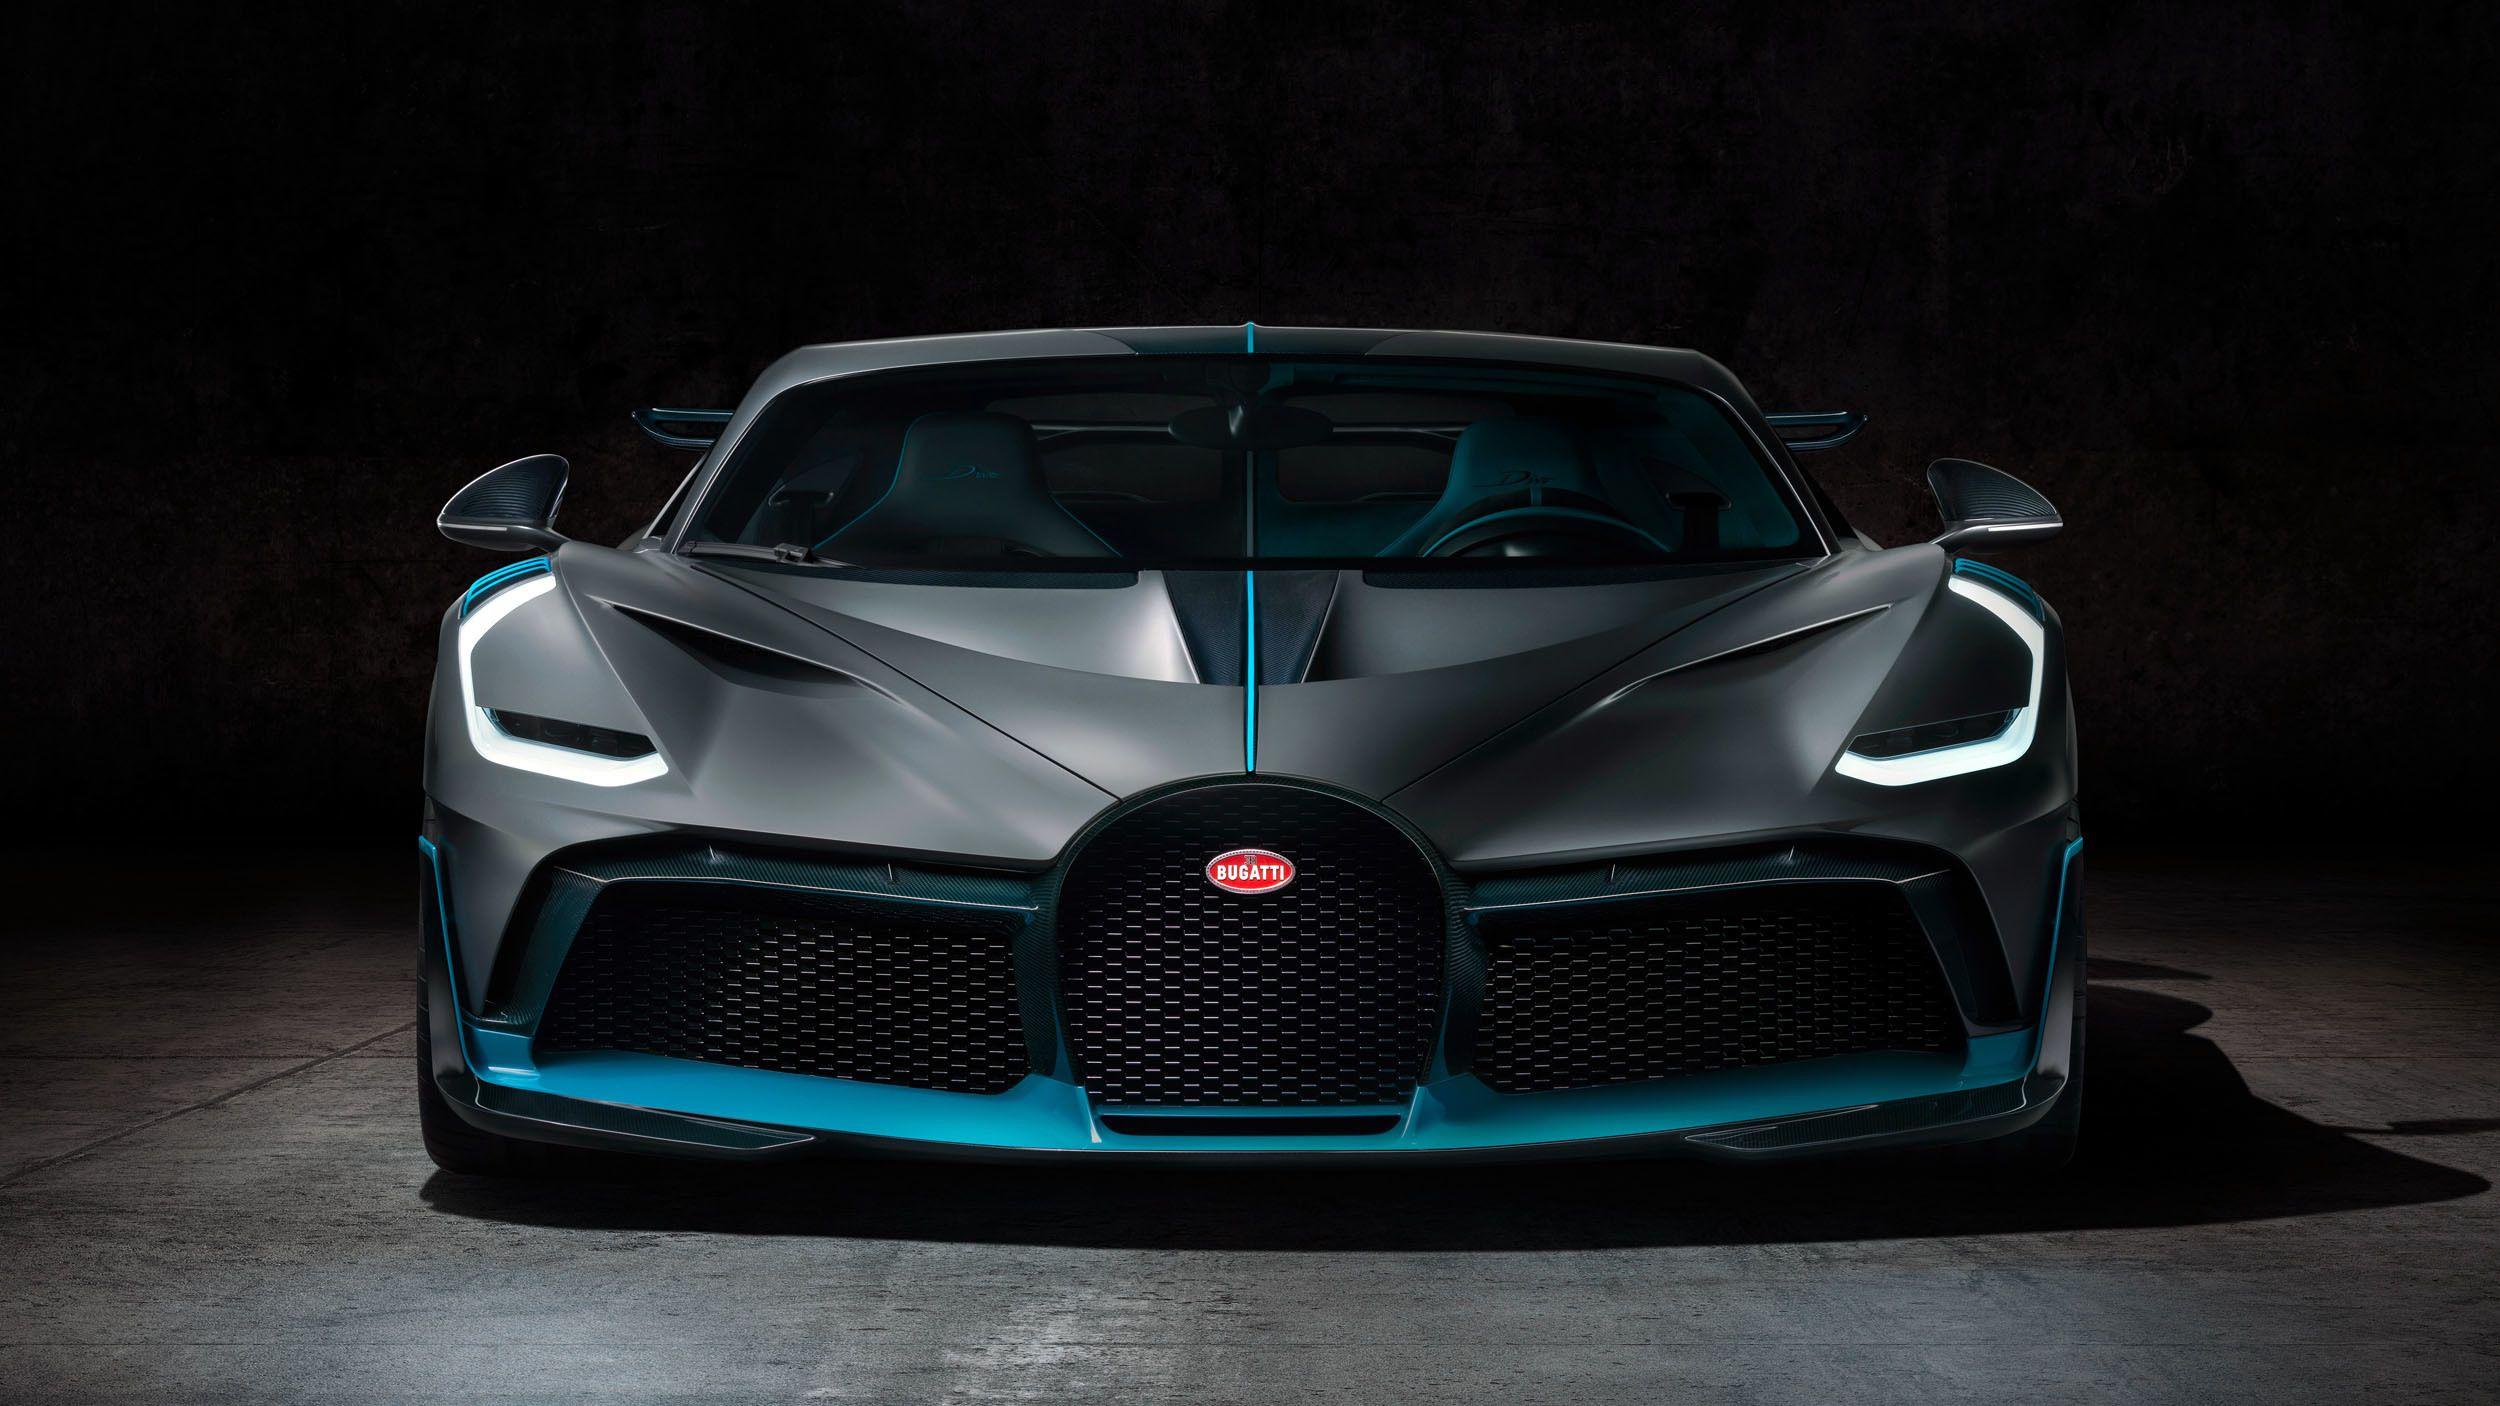 Super Sport Cars In 2020 Fast Sports Cars Super Sport Cars Sports Car